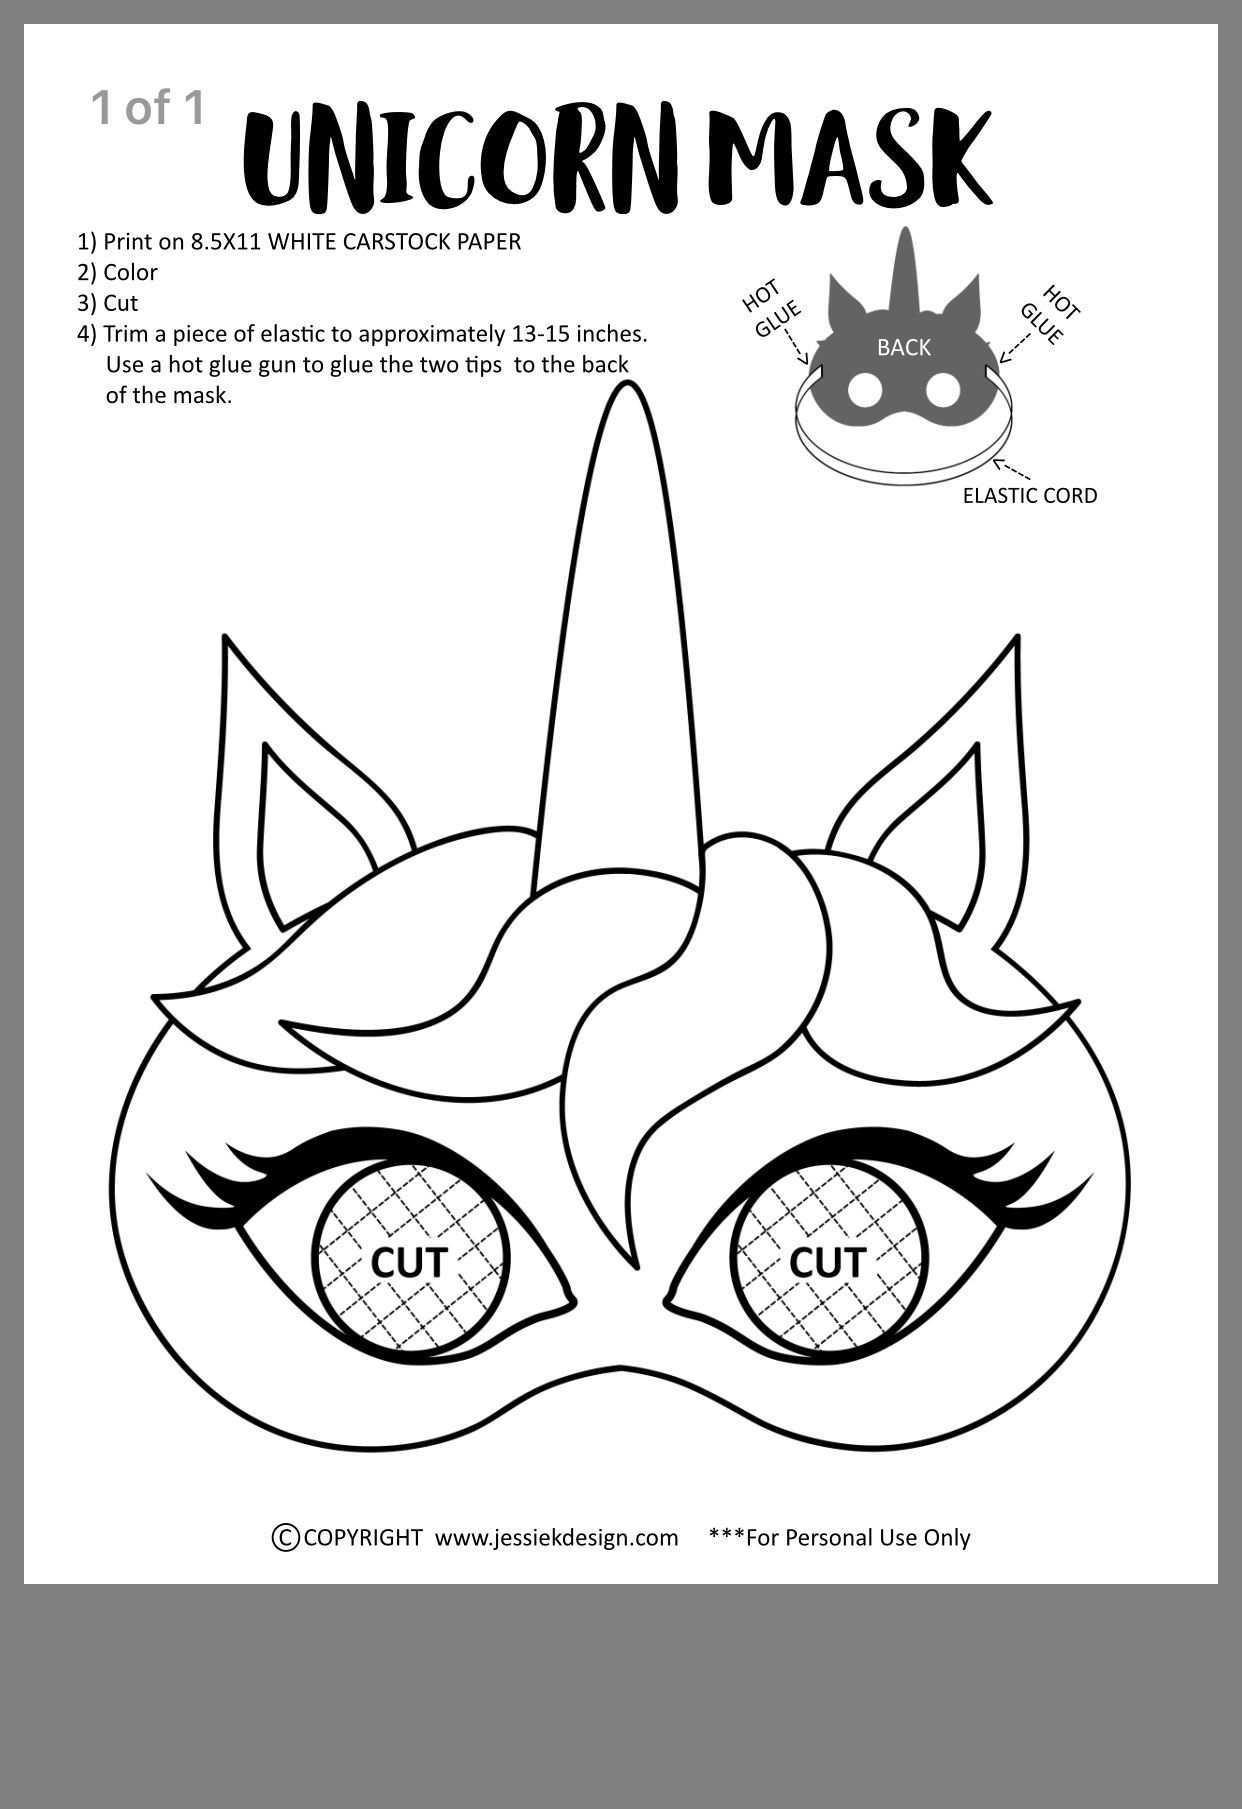 Einhorn Basteln Vorlage In 2020 Einhorn Basteln Masken Basteln Basteln